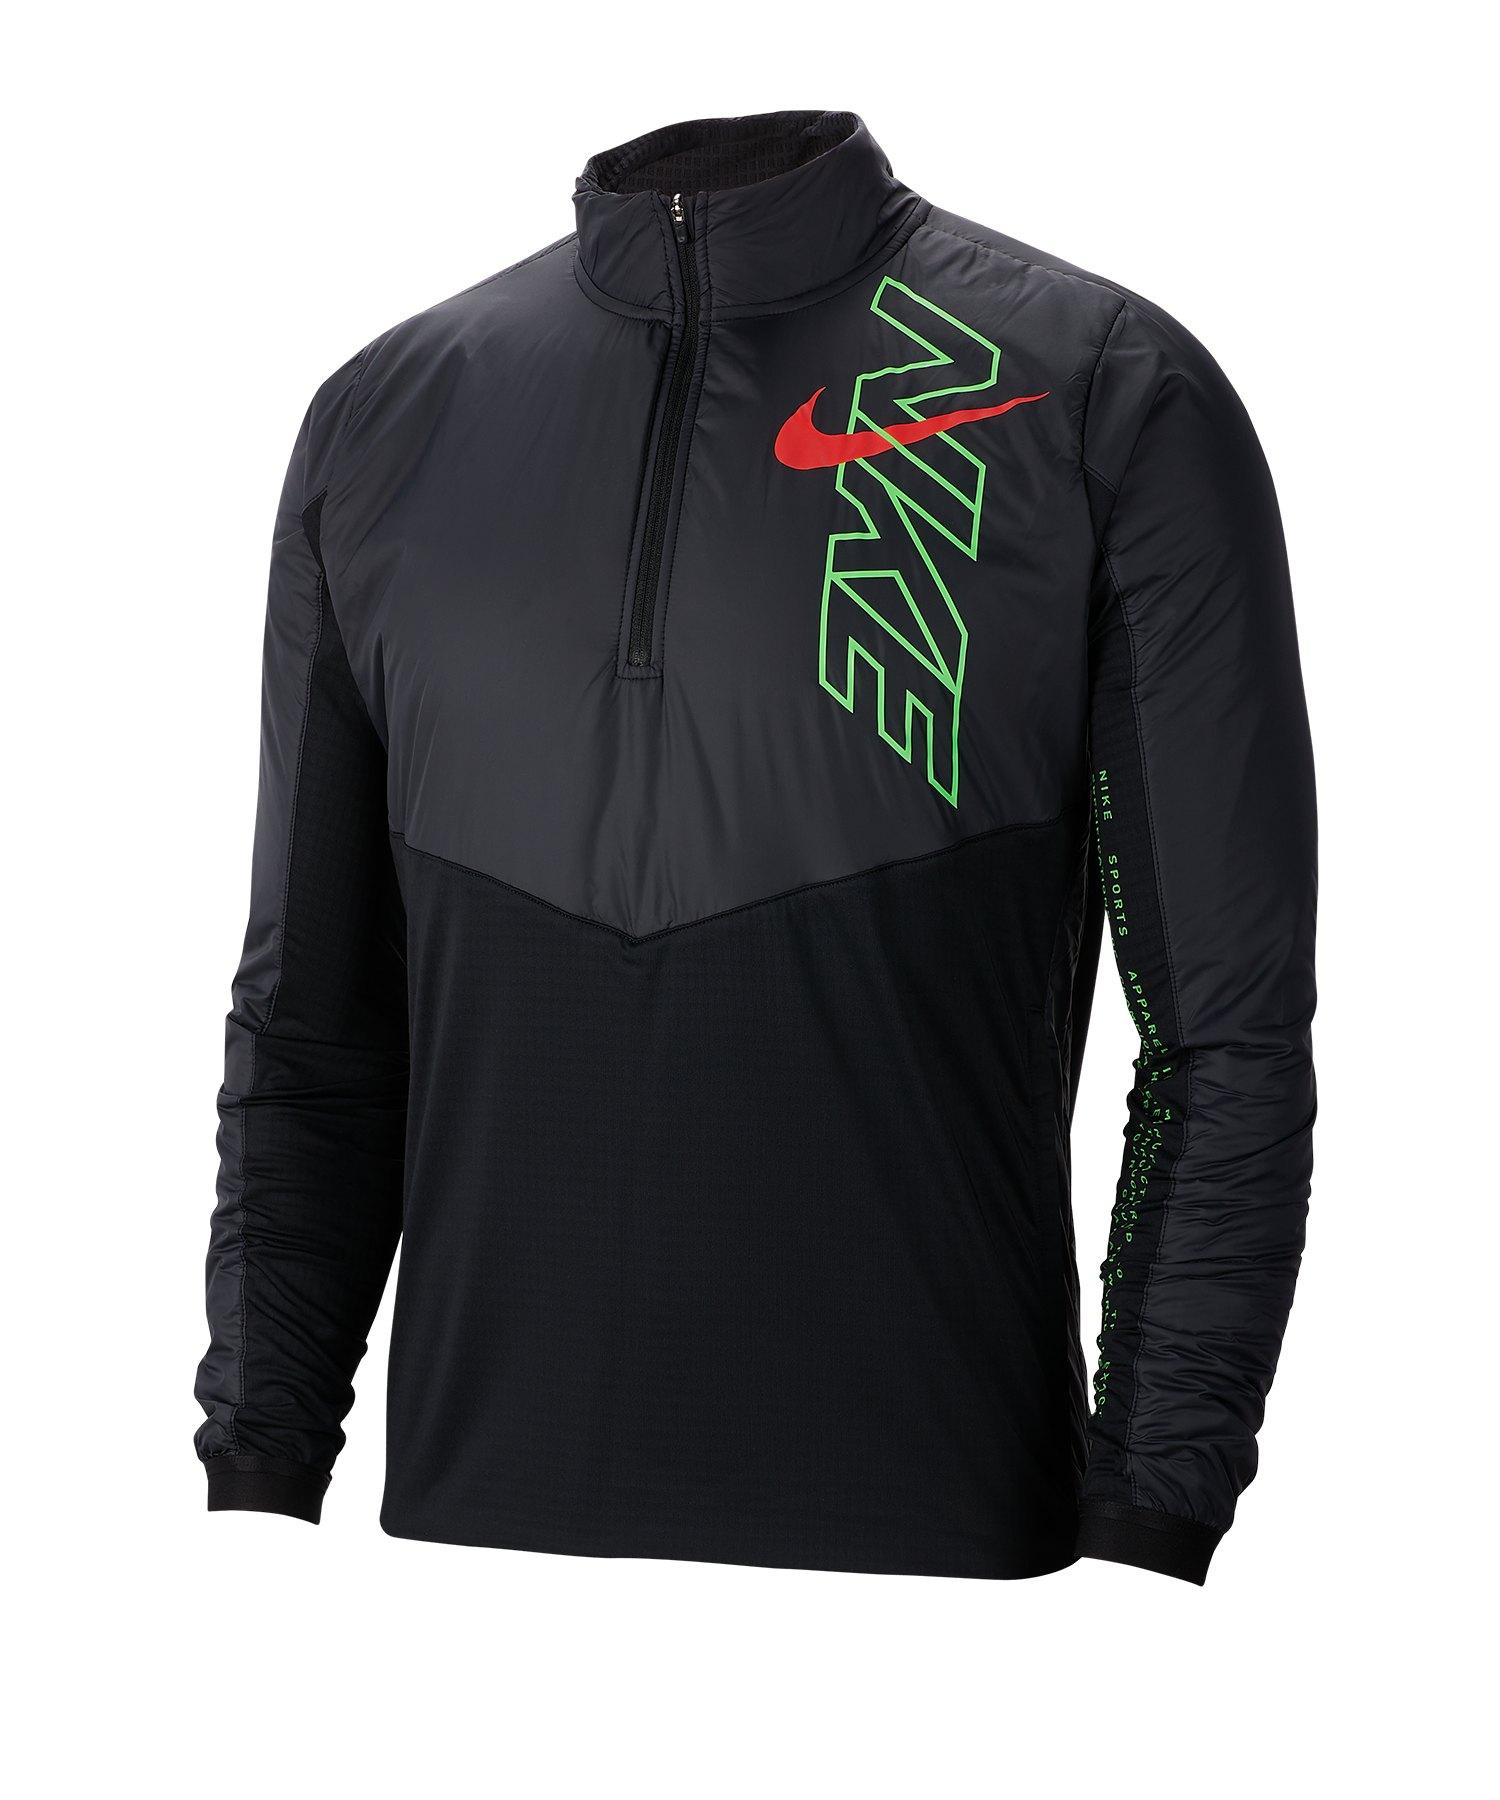 Nike Element 1/2-Zip Running Top langarm F010 - schwarz